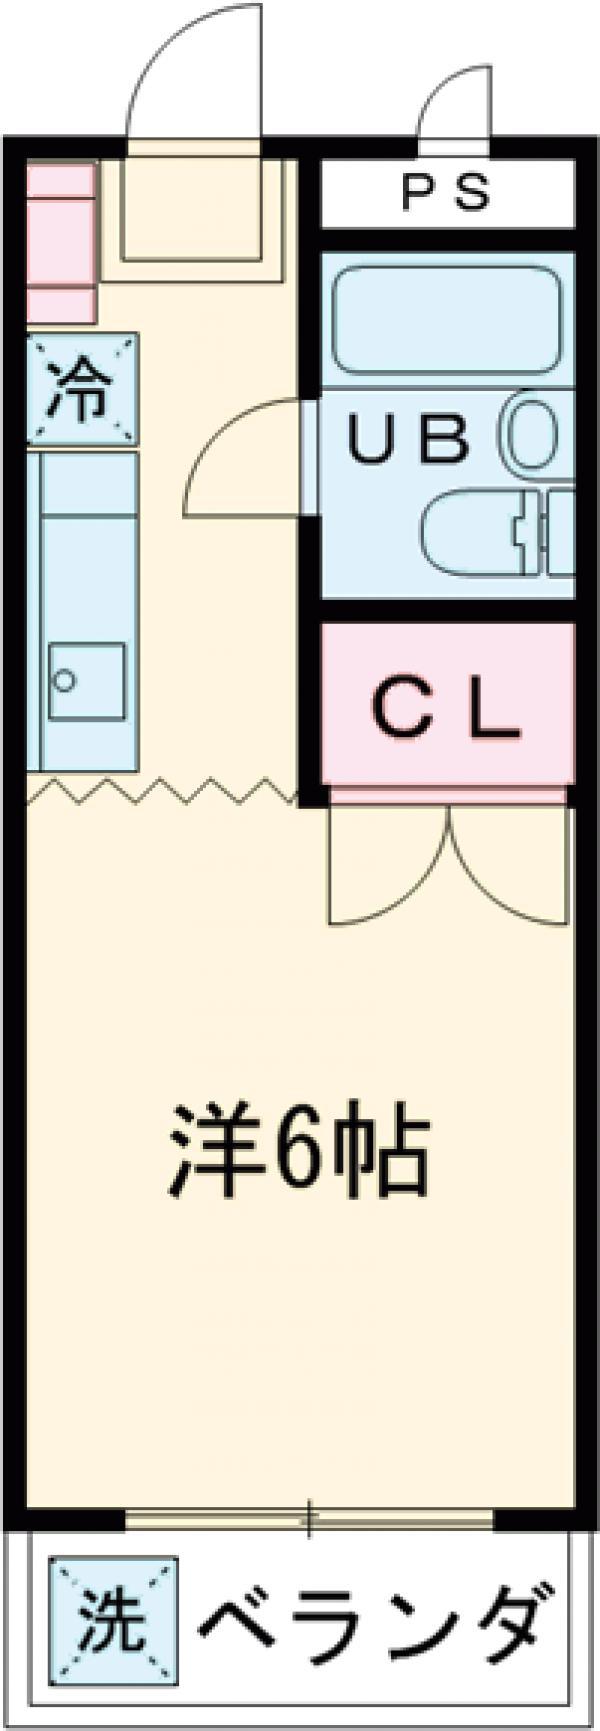 ジュネス田口 313号室の間取り